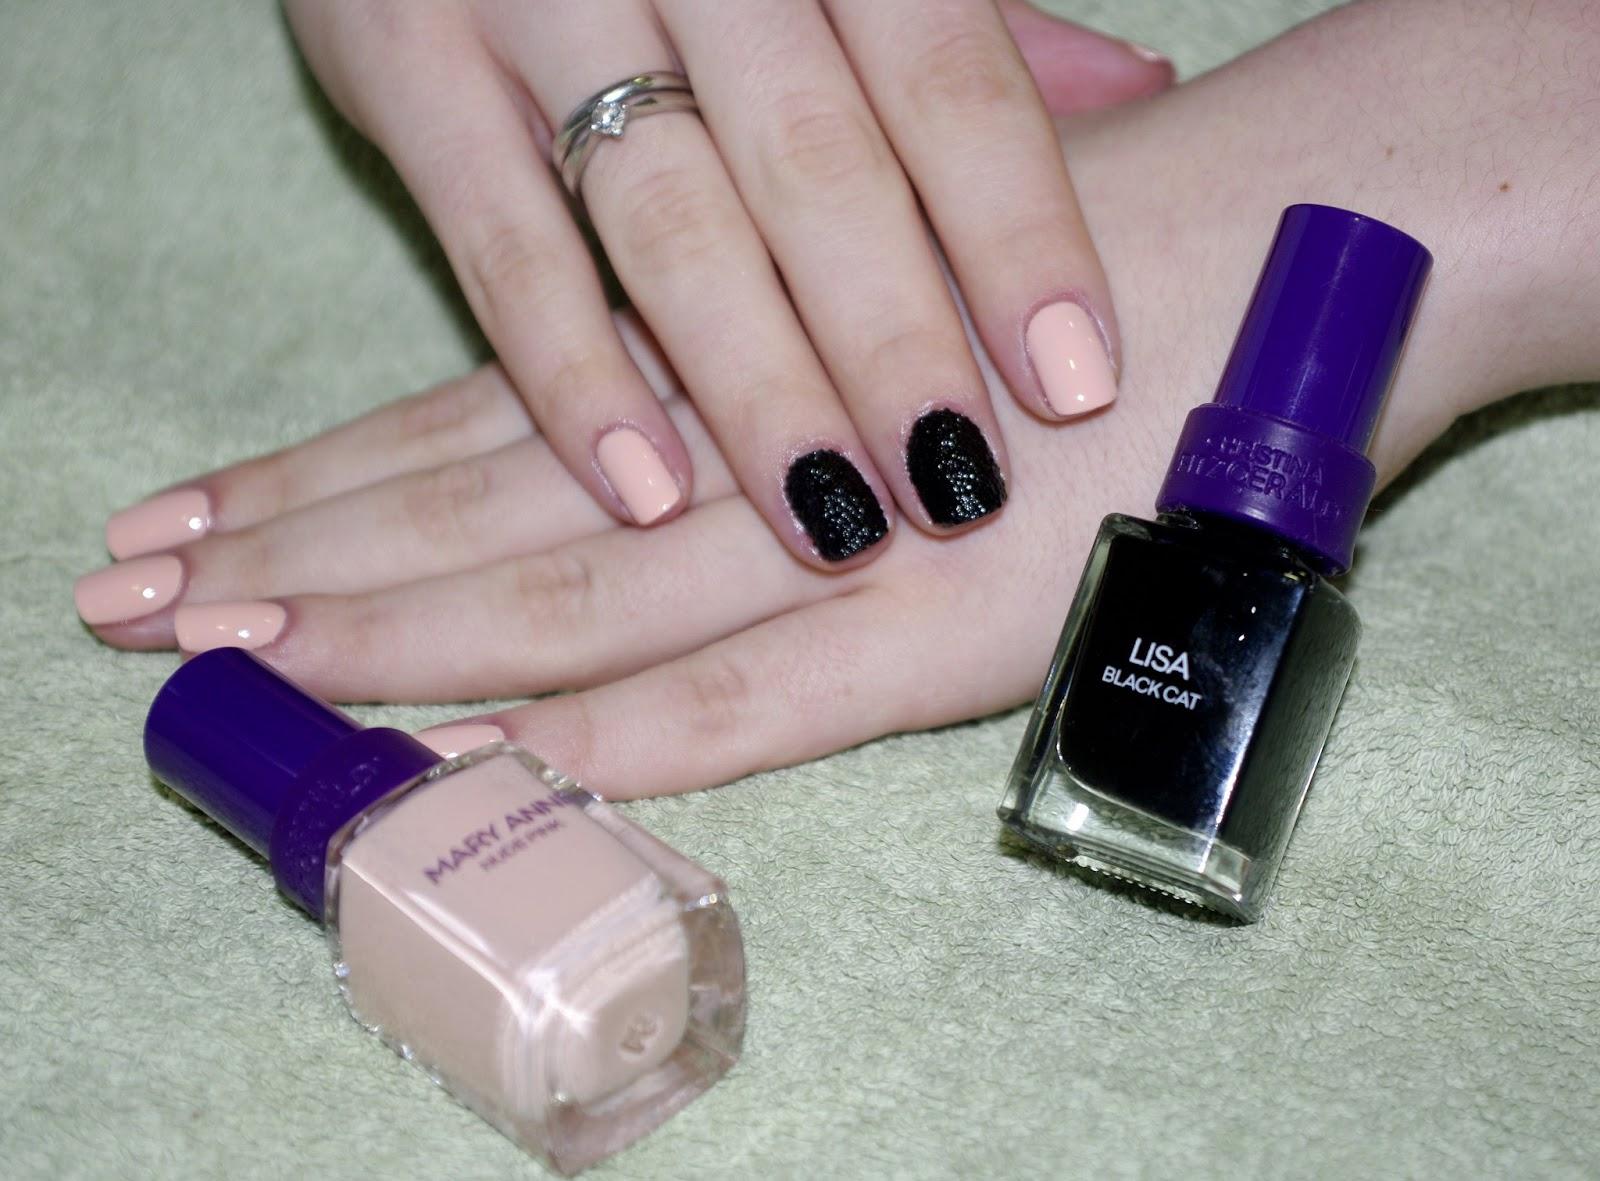 Сочетание цветов лака для ногтей (36 фото маникюр из двух оттенков) 4